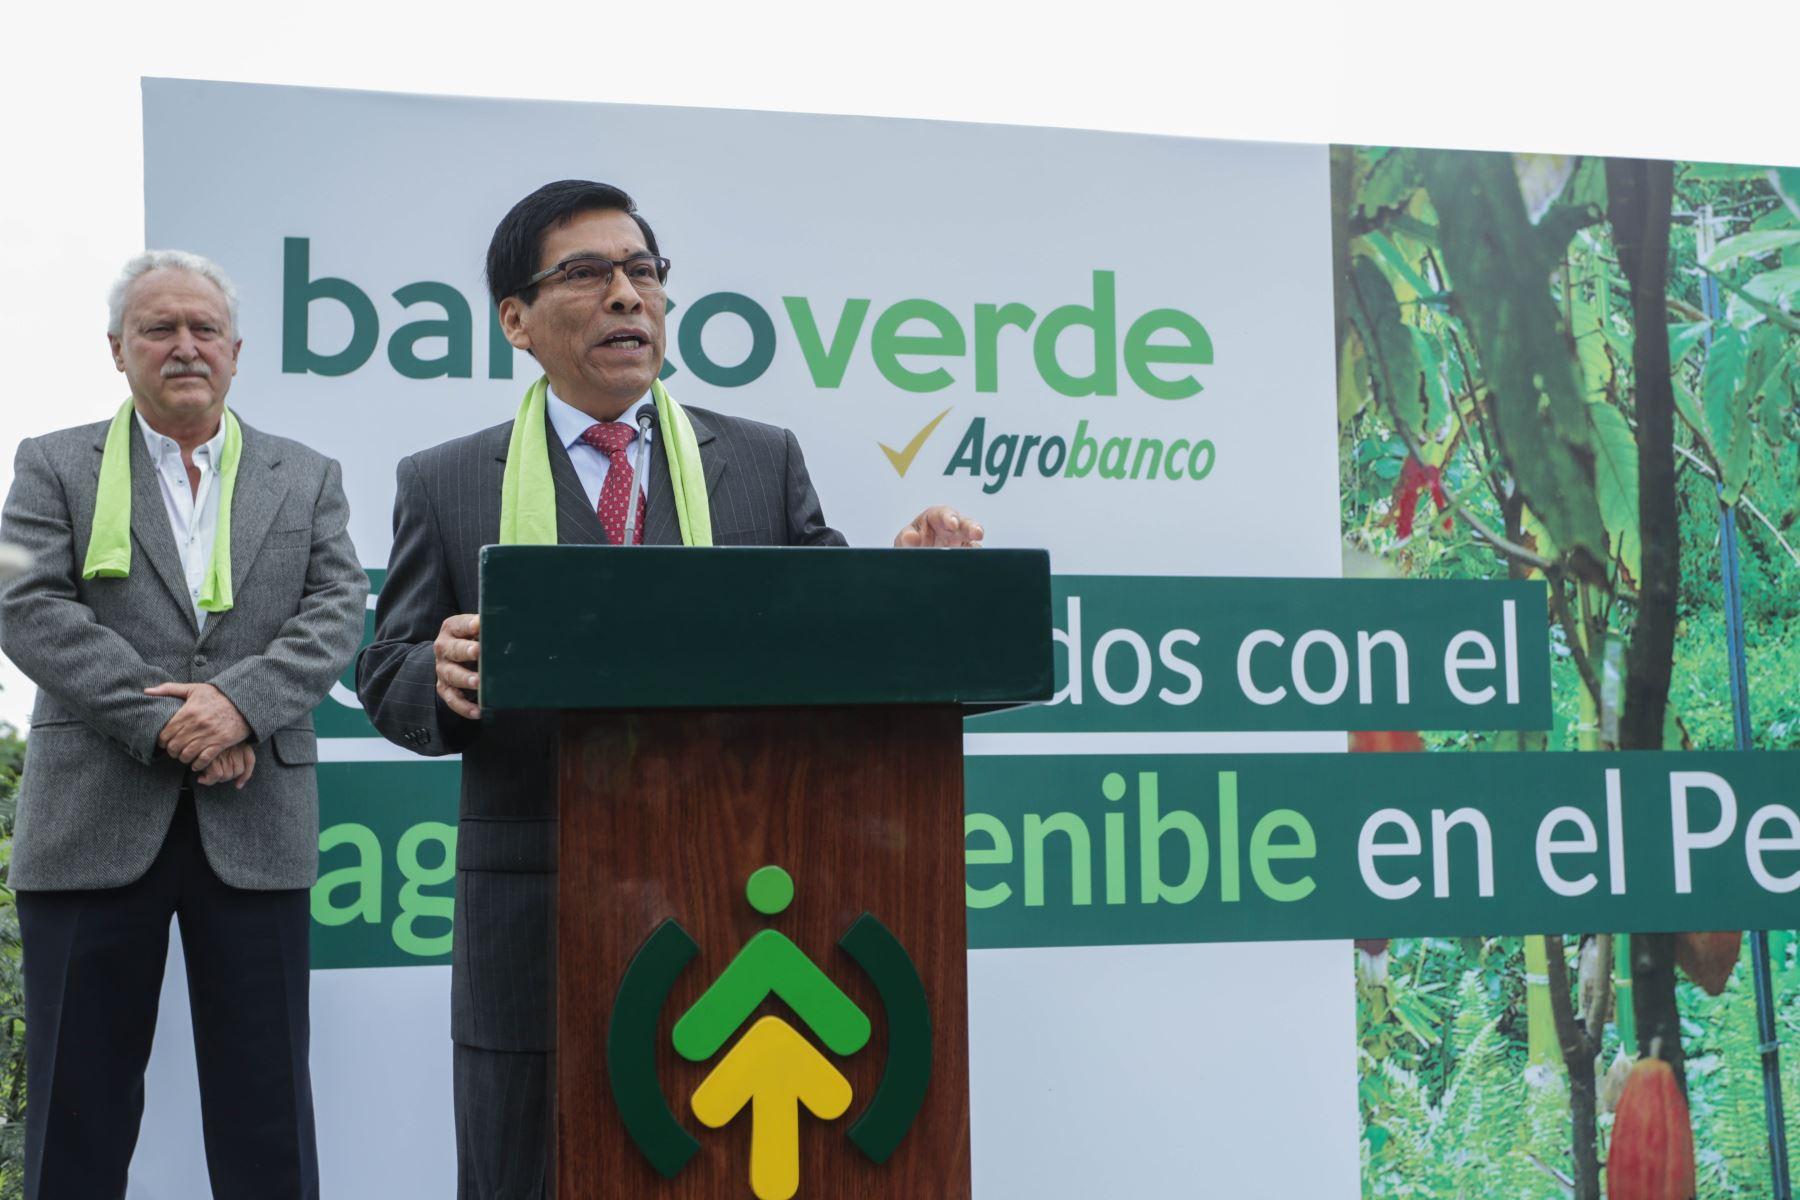 El ministro Hernández reconoció los esfuerzos de Agrobanco de convertirse en Banco Verde y las acciones adoptadas por el actual gobierno para su fortalecimiento.